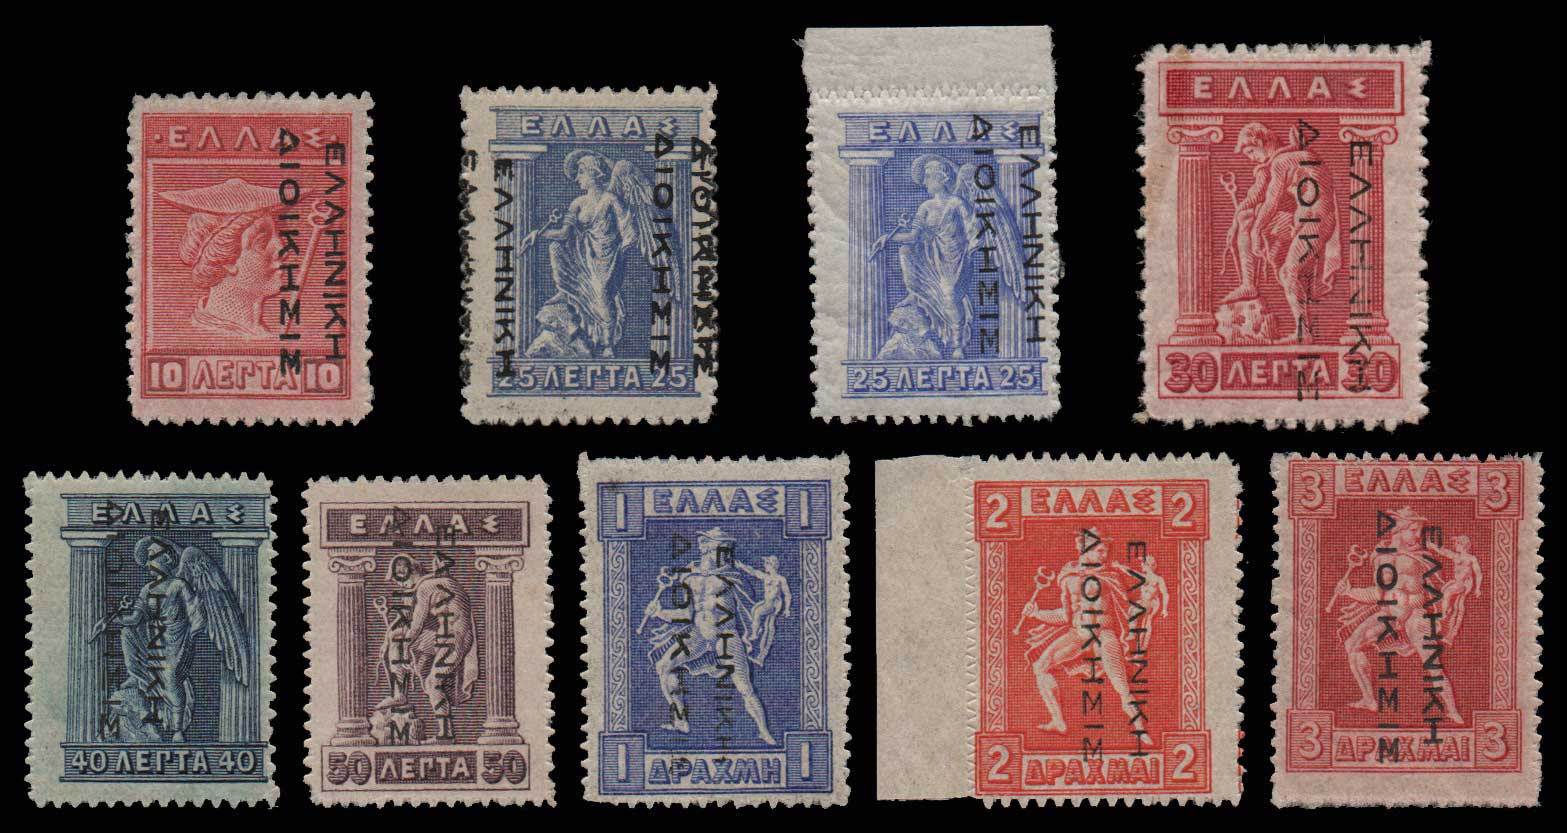 Lot 623 - -  1911 - 1923 ΕΛΛΗΝΙΚΗΔΙΟΙΚΗΣΙΣ -  Athens Auctions Public Auction 88 General Stamp Sale